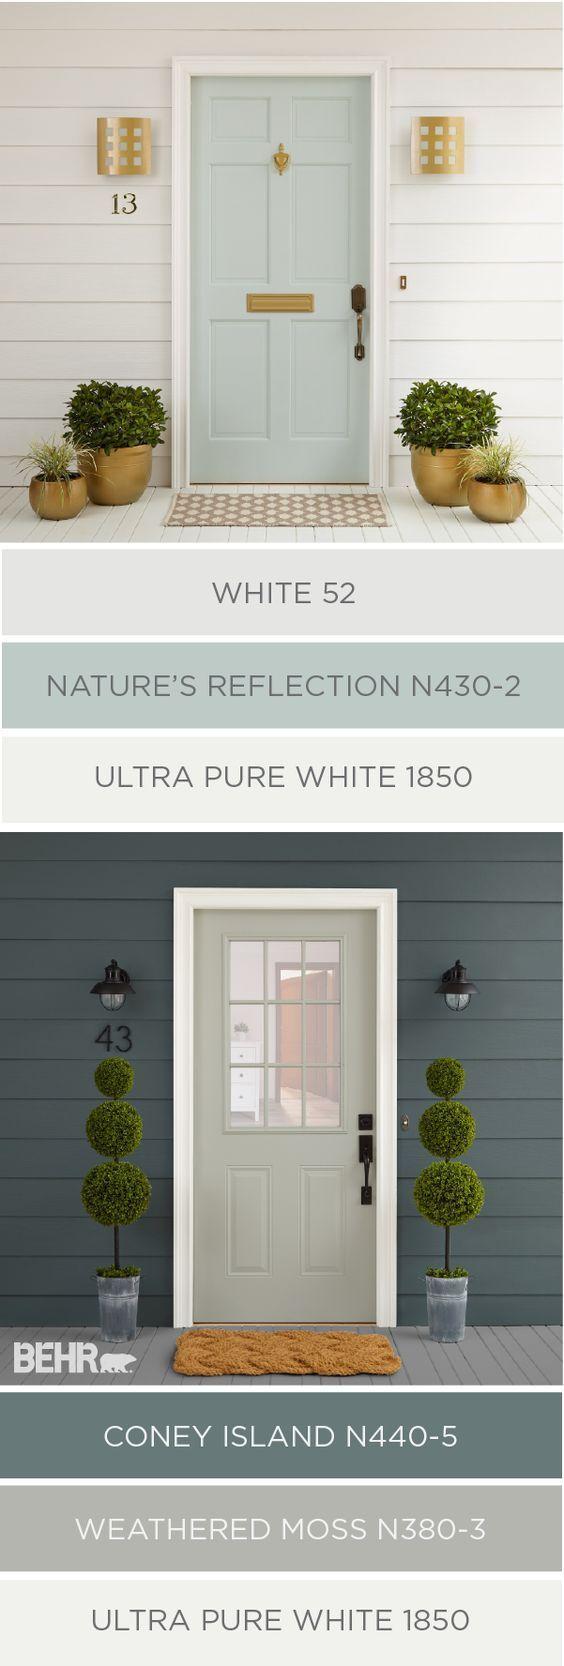 Exterior Color Palette by Behr | Favorite Paint Colors Blog #ExteriorDesignColor